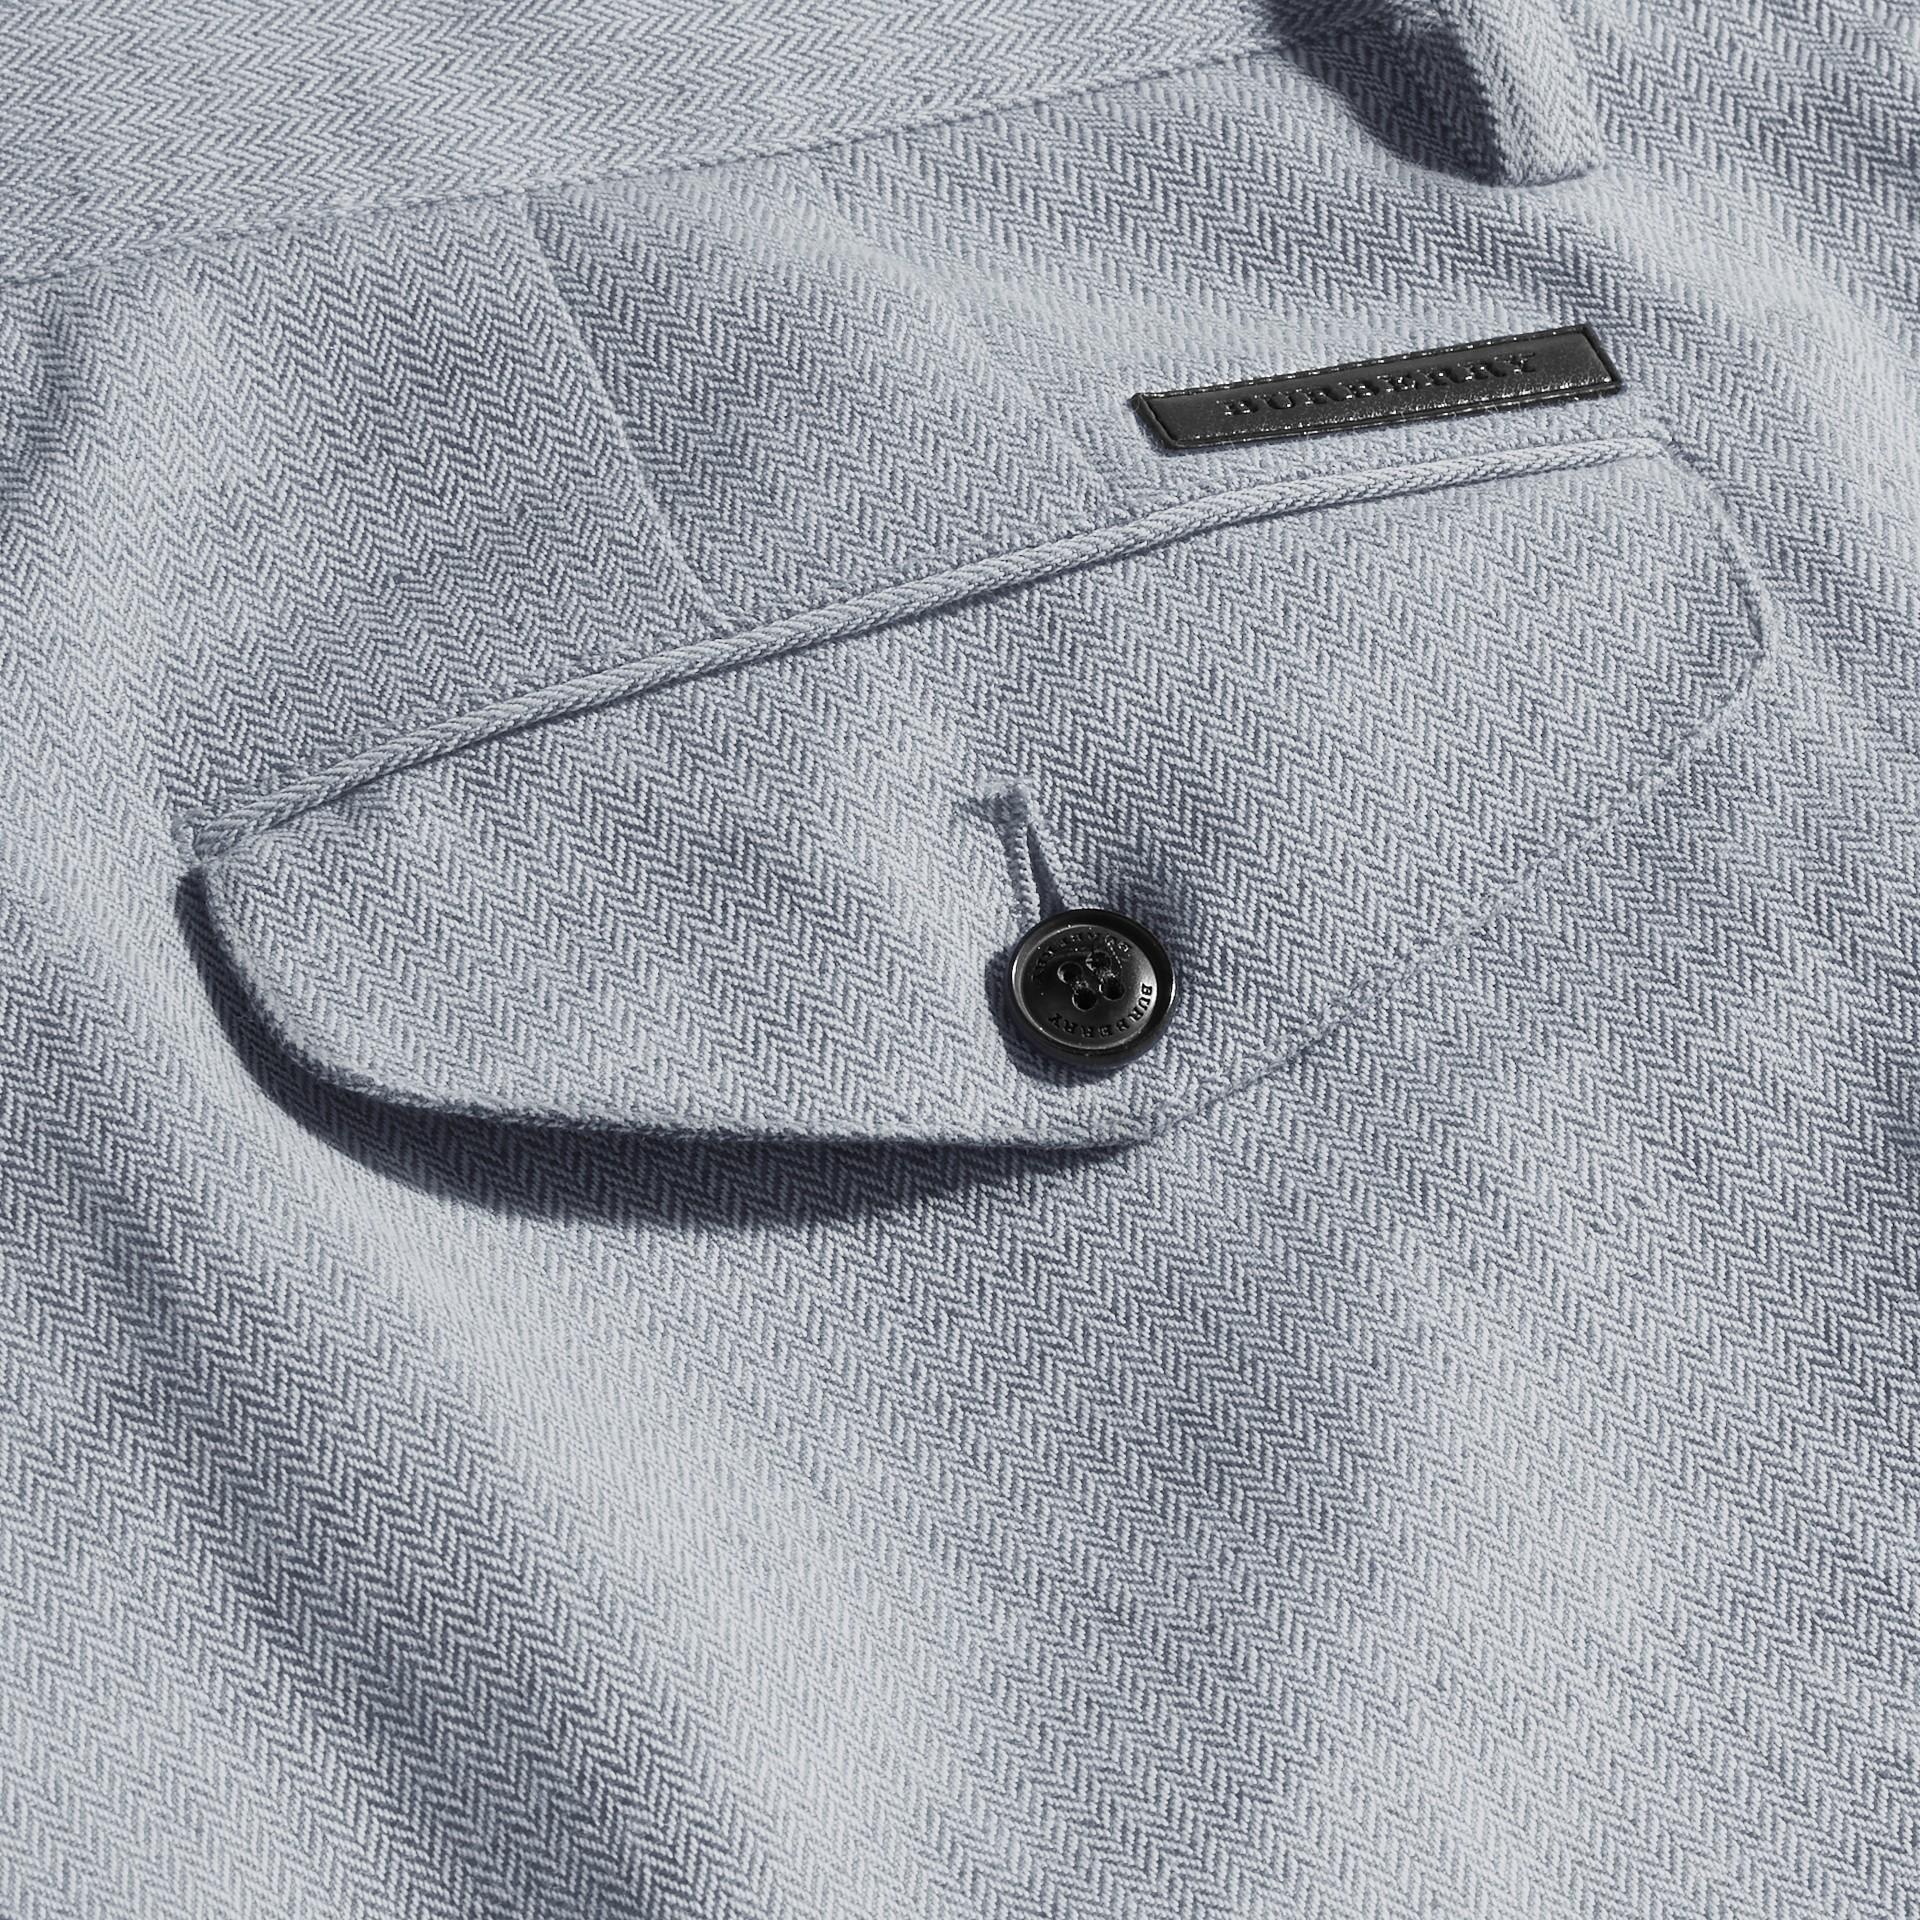 Azul pálido Pantalones chinos en algodón y lino Azul Pálido - imagen de la galería 2